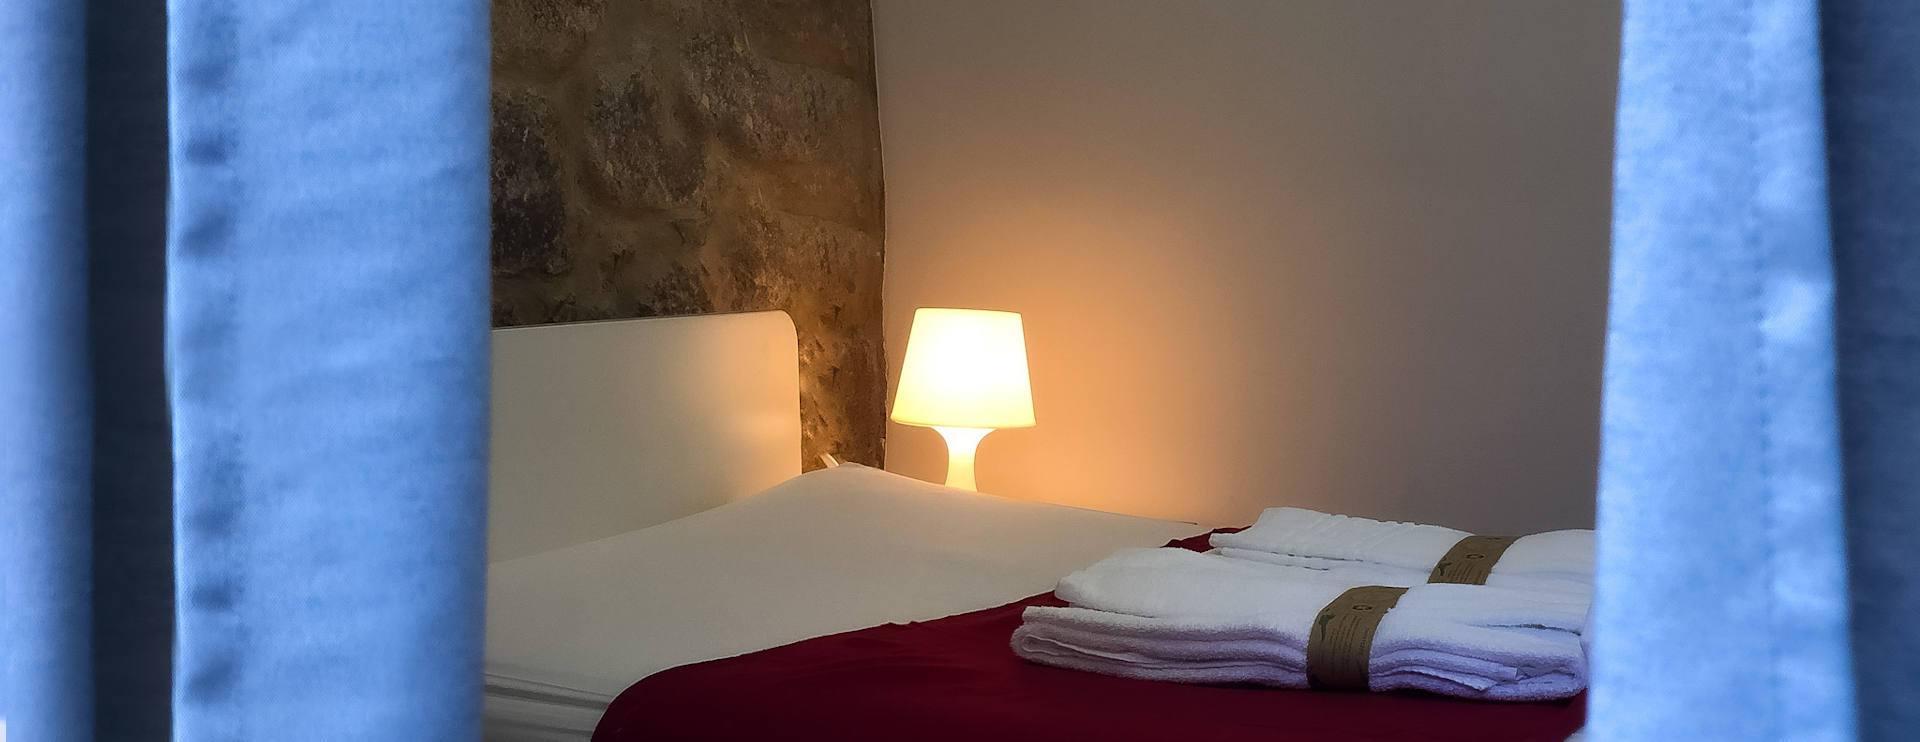 Ropa Dormitorio